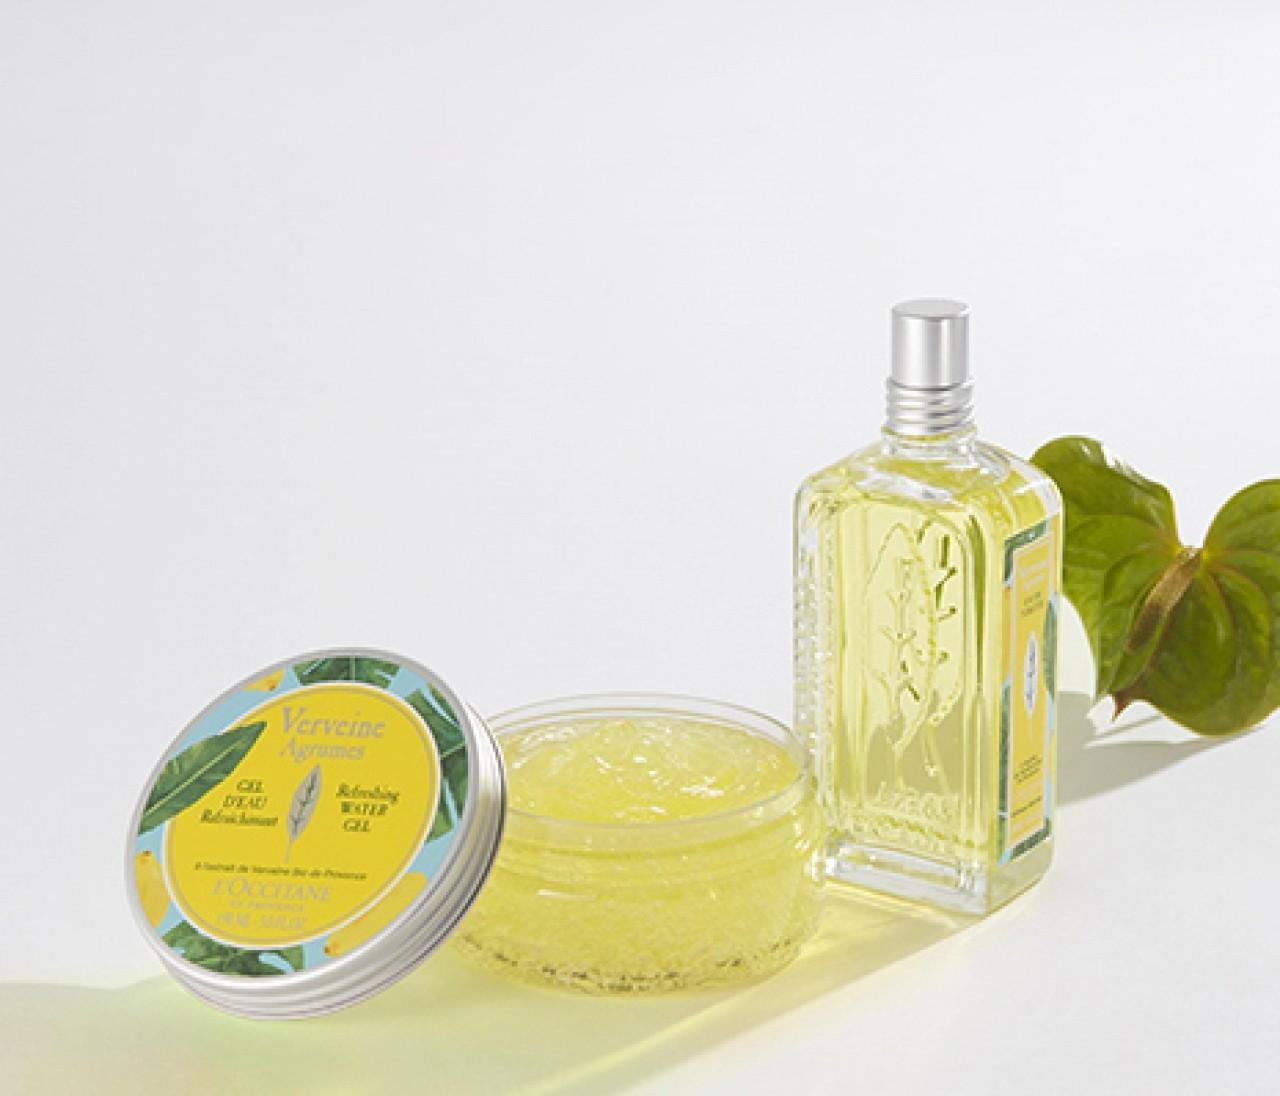 【恋も仕事も好印象】初夏から使いたいヴァーベナの香り